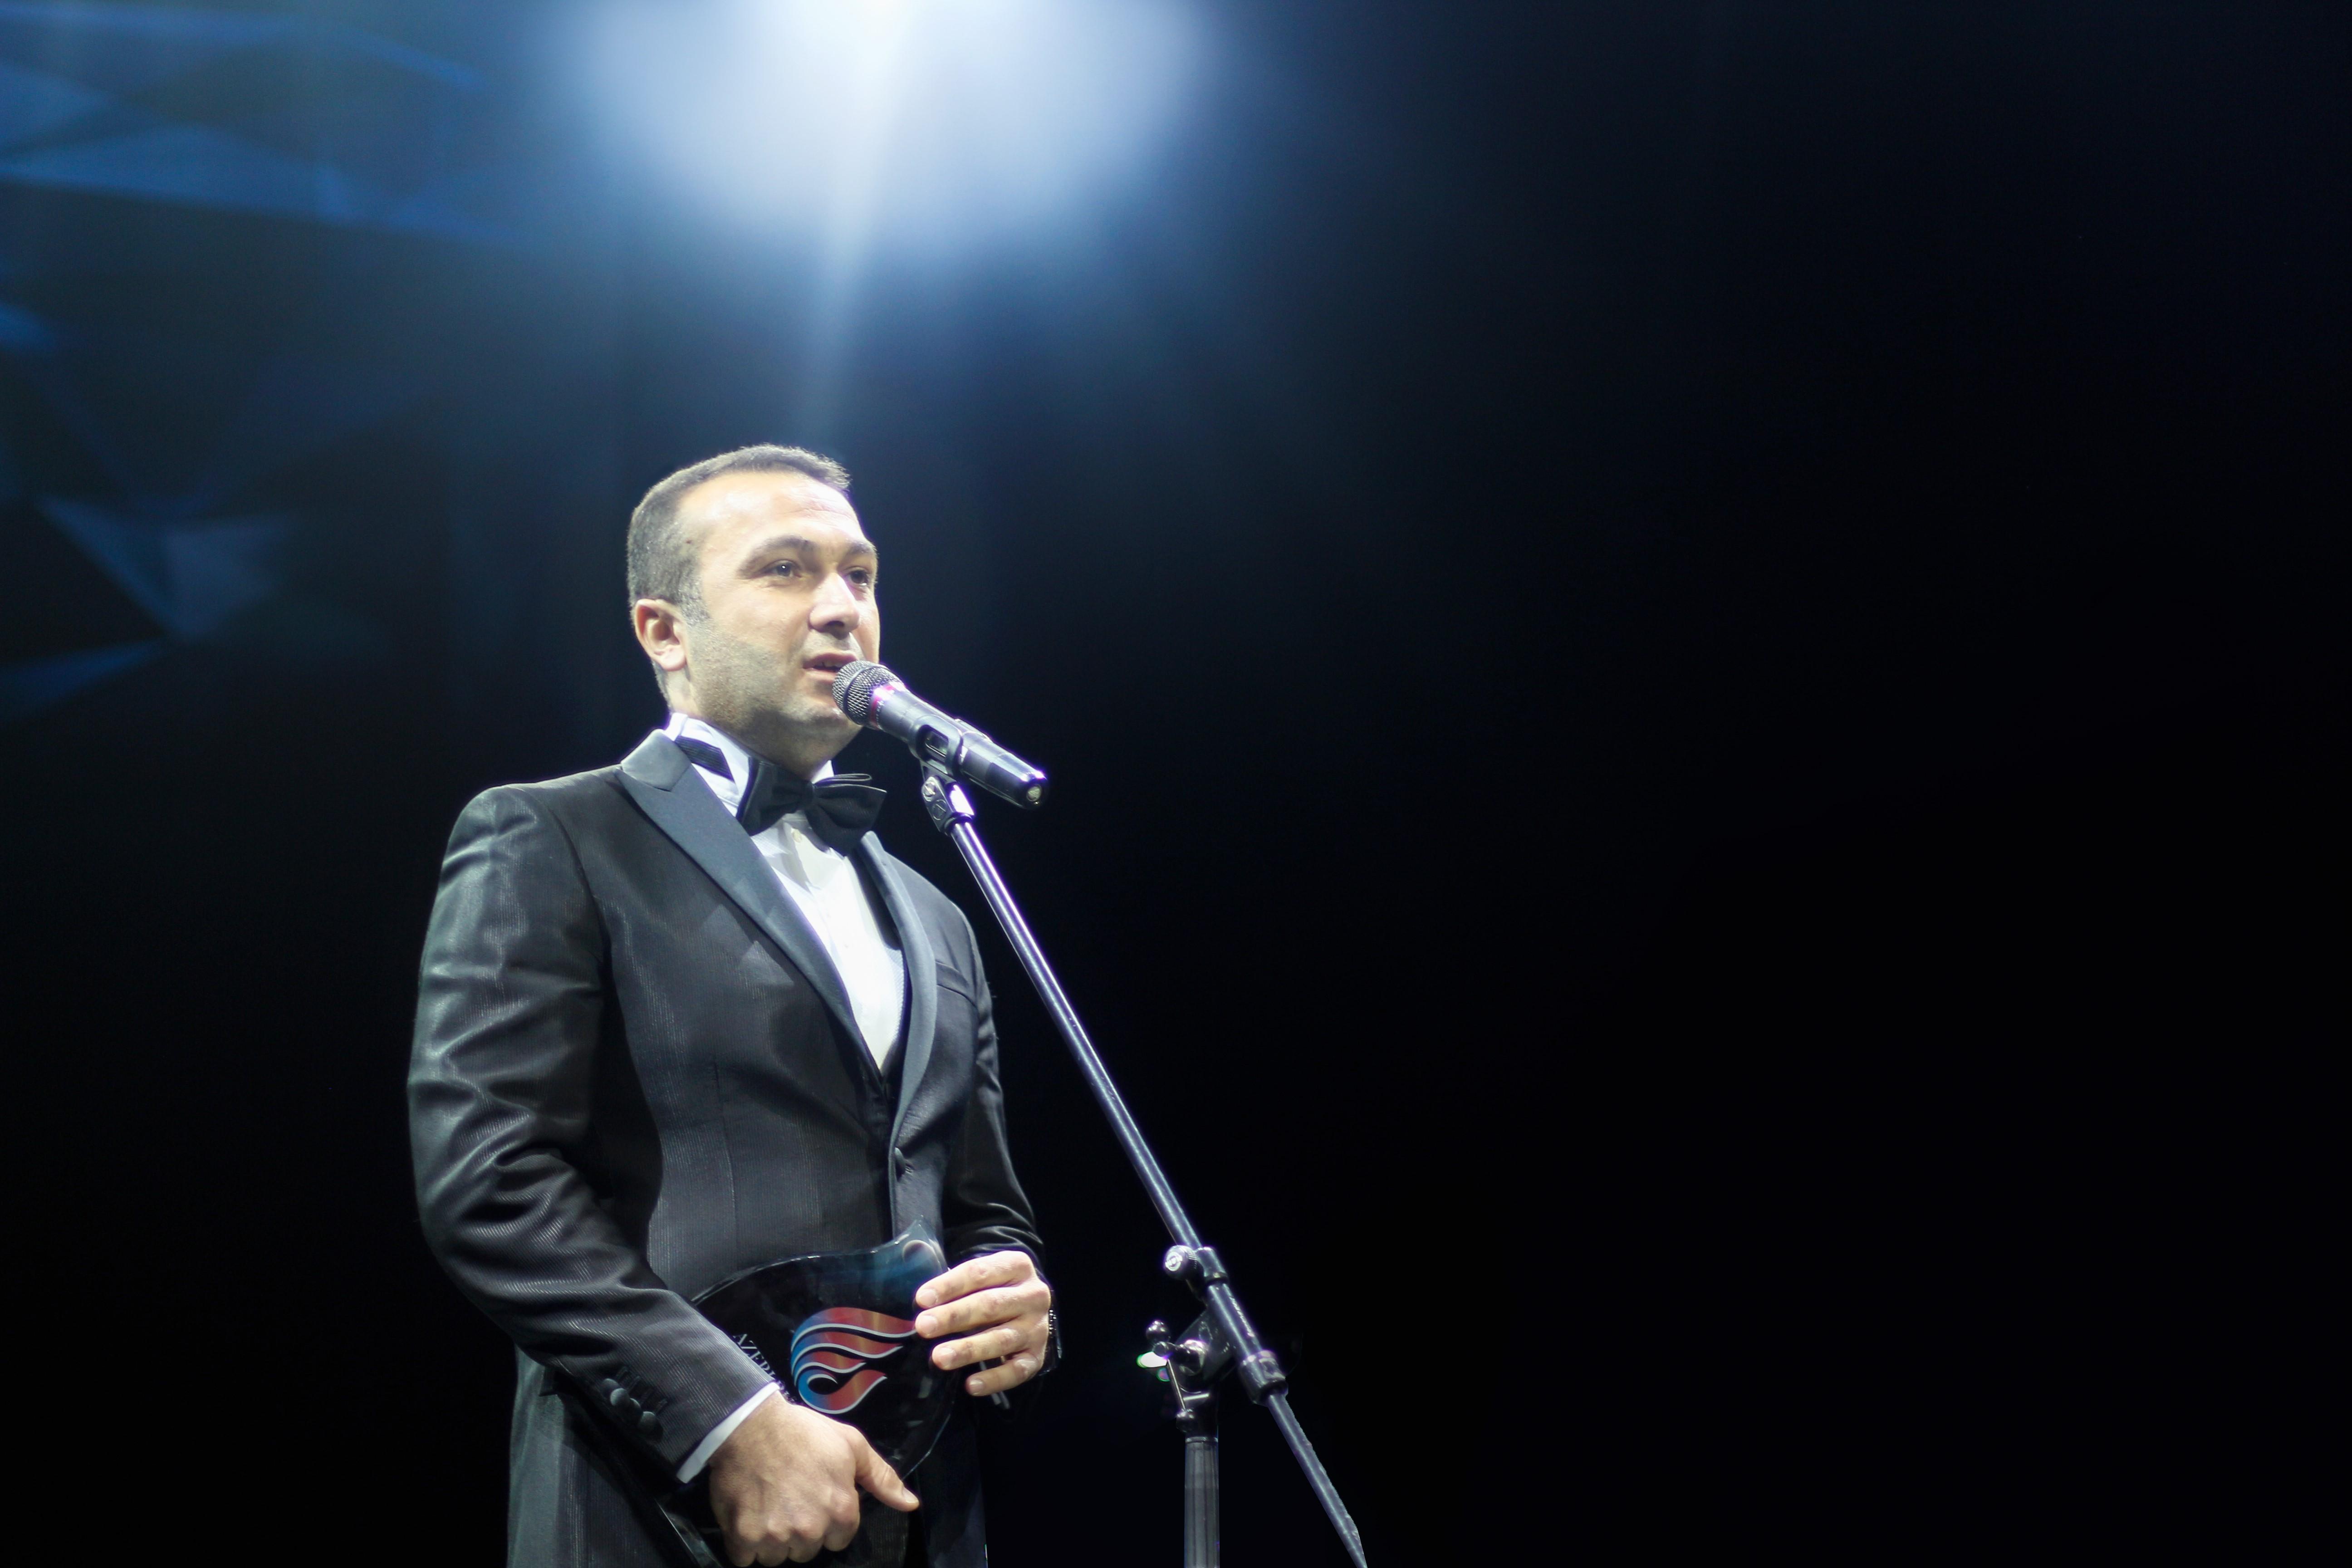 """""""Qardaşlar mebel"""" """"Made in Azerbaijan"""" brendi ilə Azərbaycan mebelinin dünya bazarlarına çatdırılmasını hədəf qoyub"""